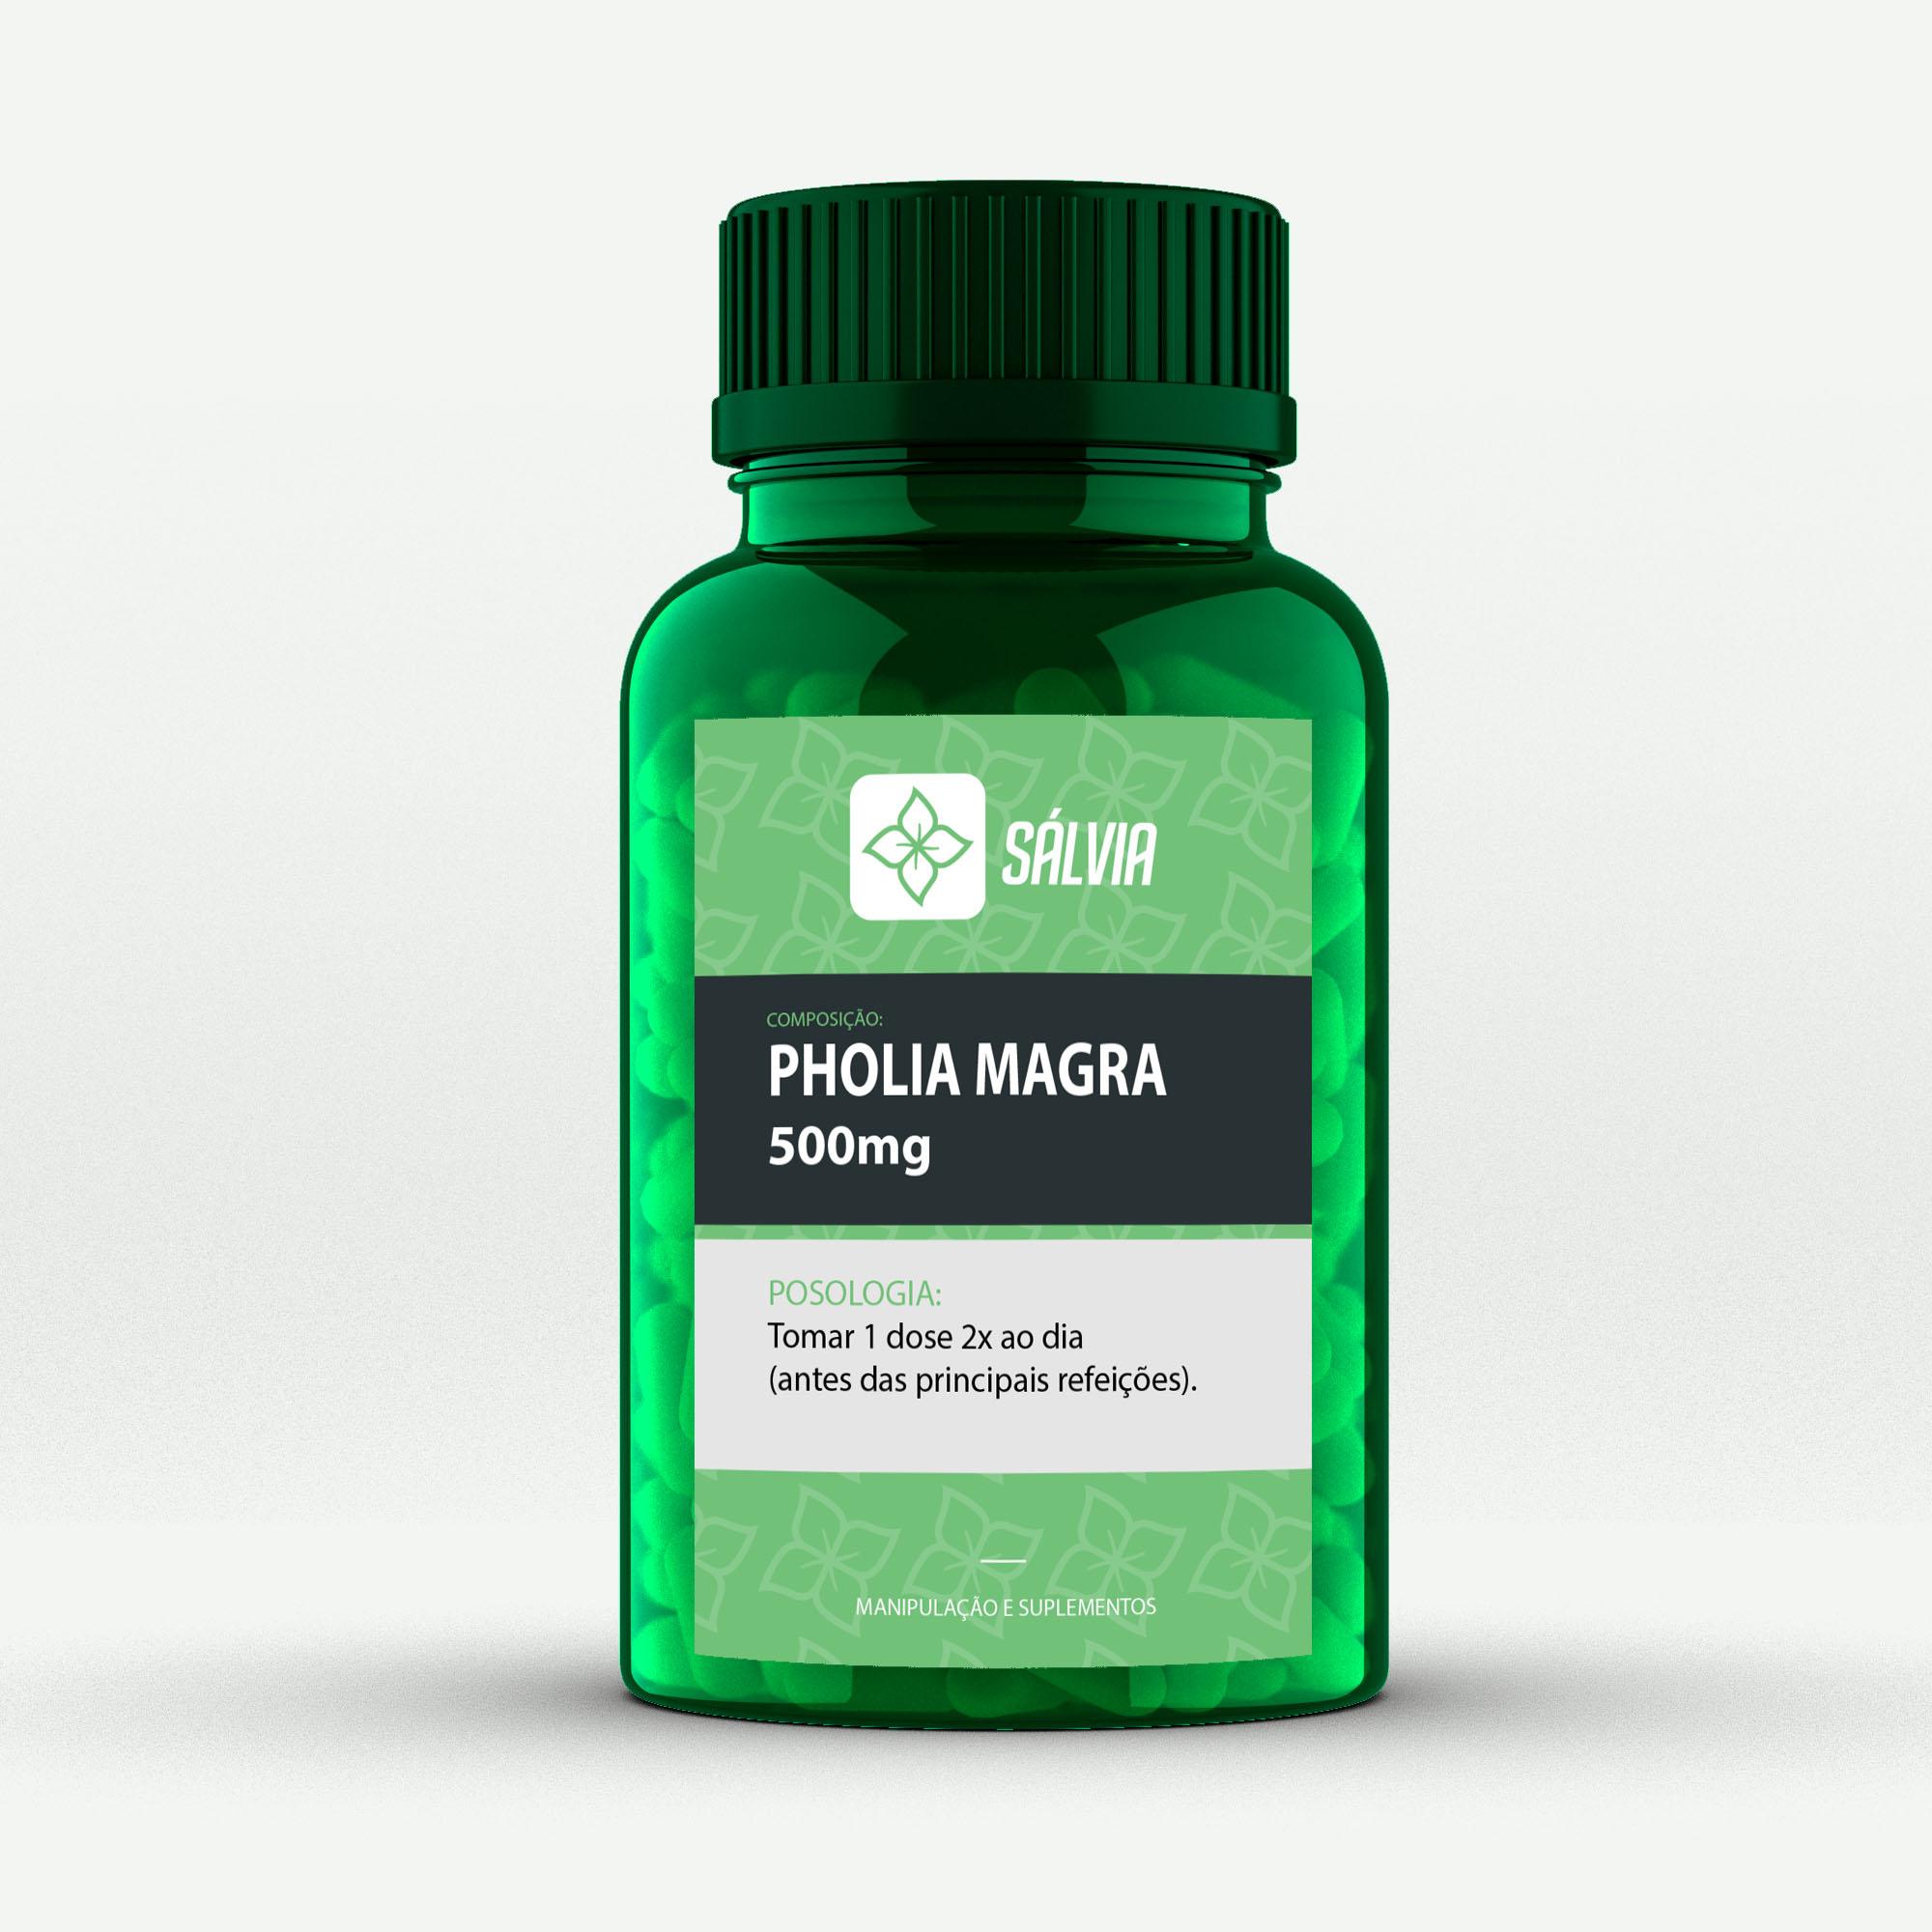 PHOLIA MAGRA 500mg - Cápsulas